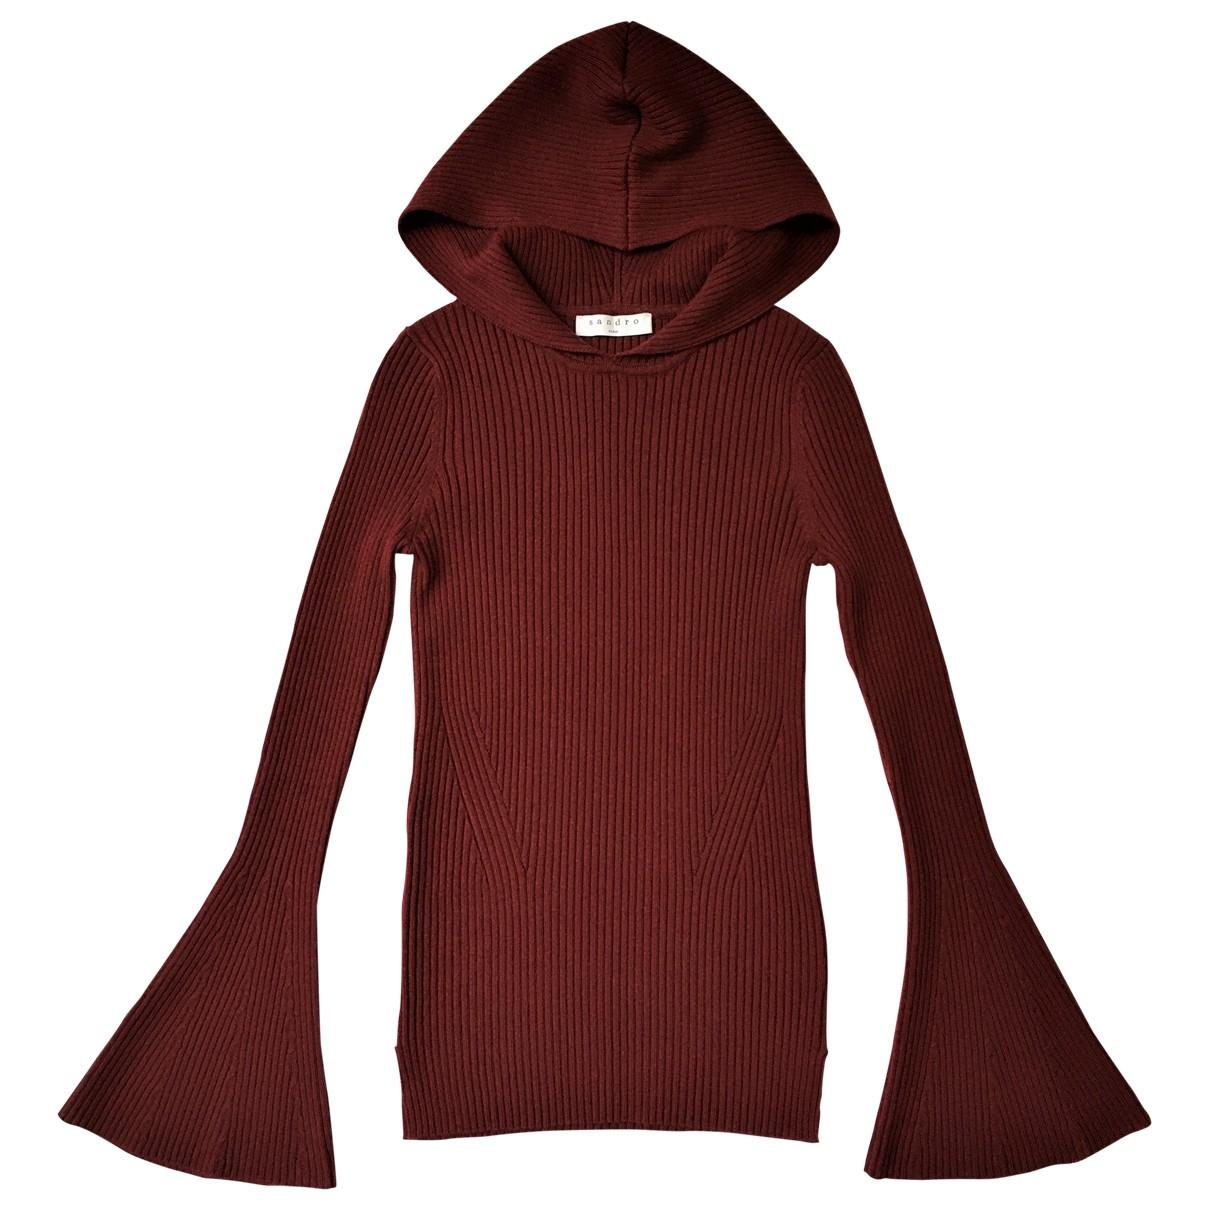 Sandro \N Wool Knitwear for Women 1 US